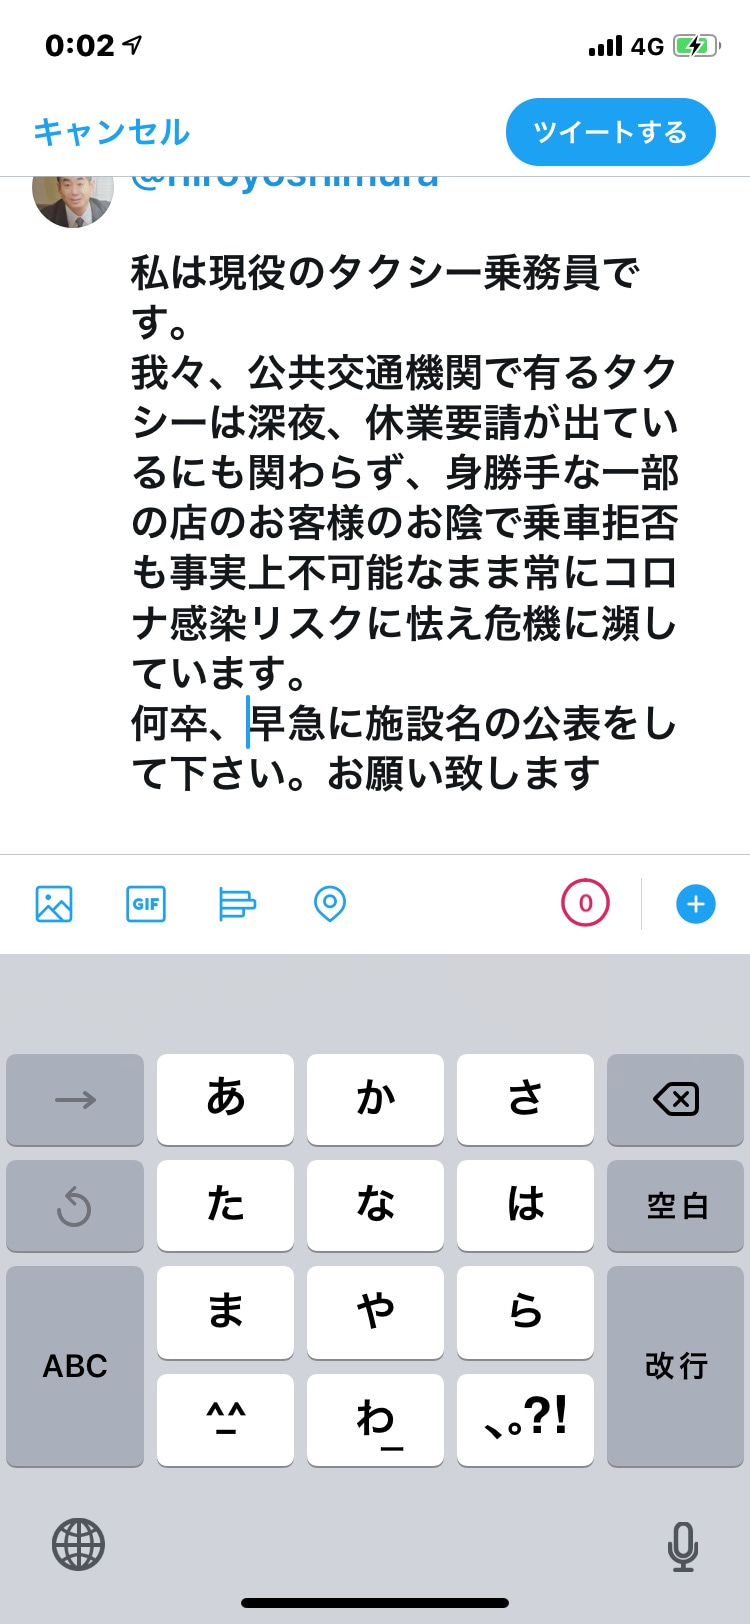 吉村 知事 ツイッター